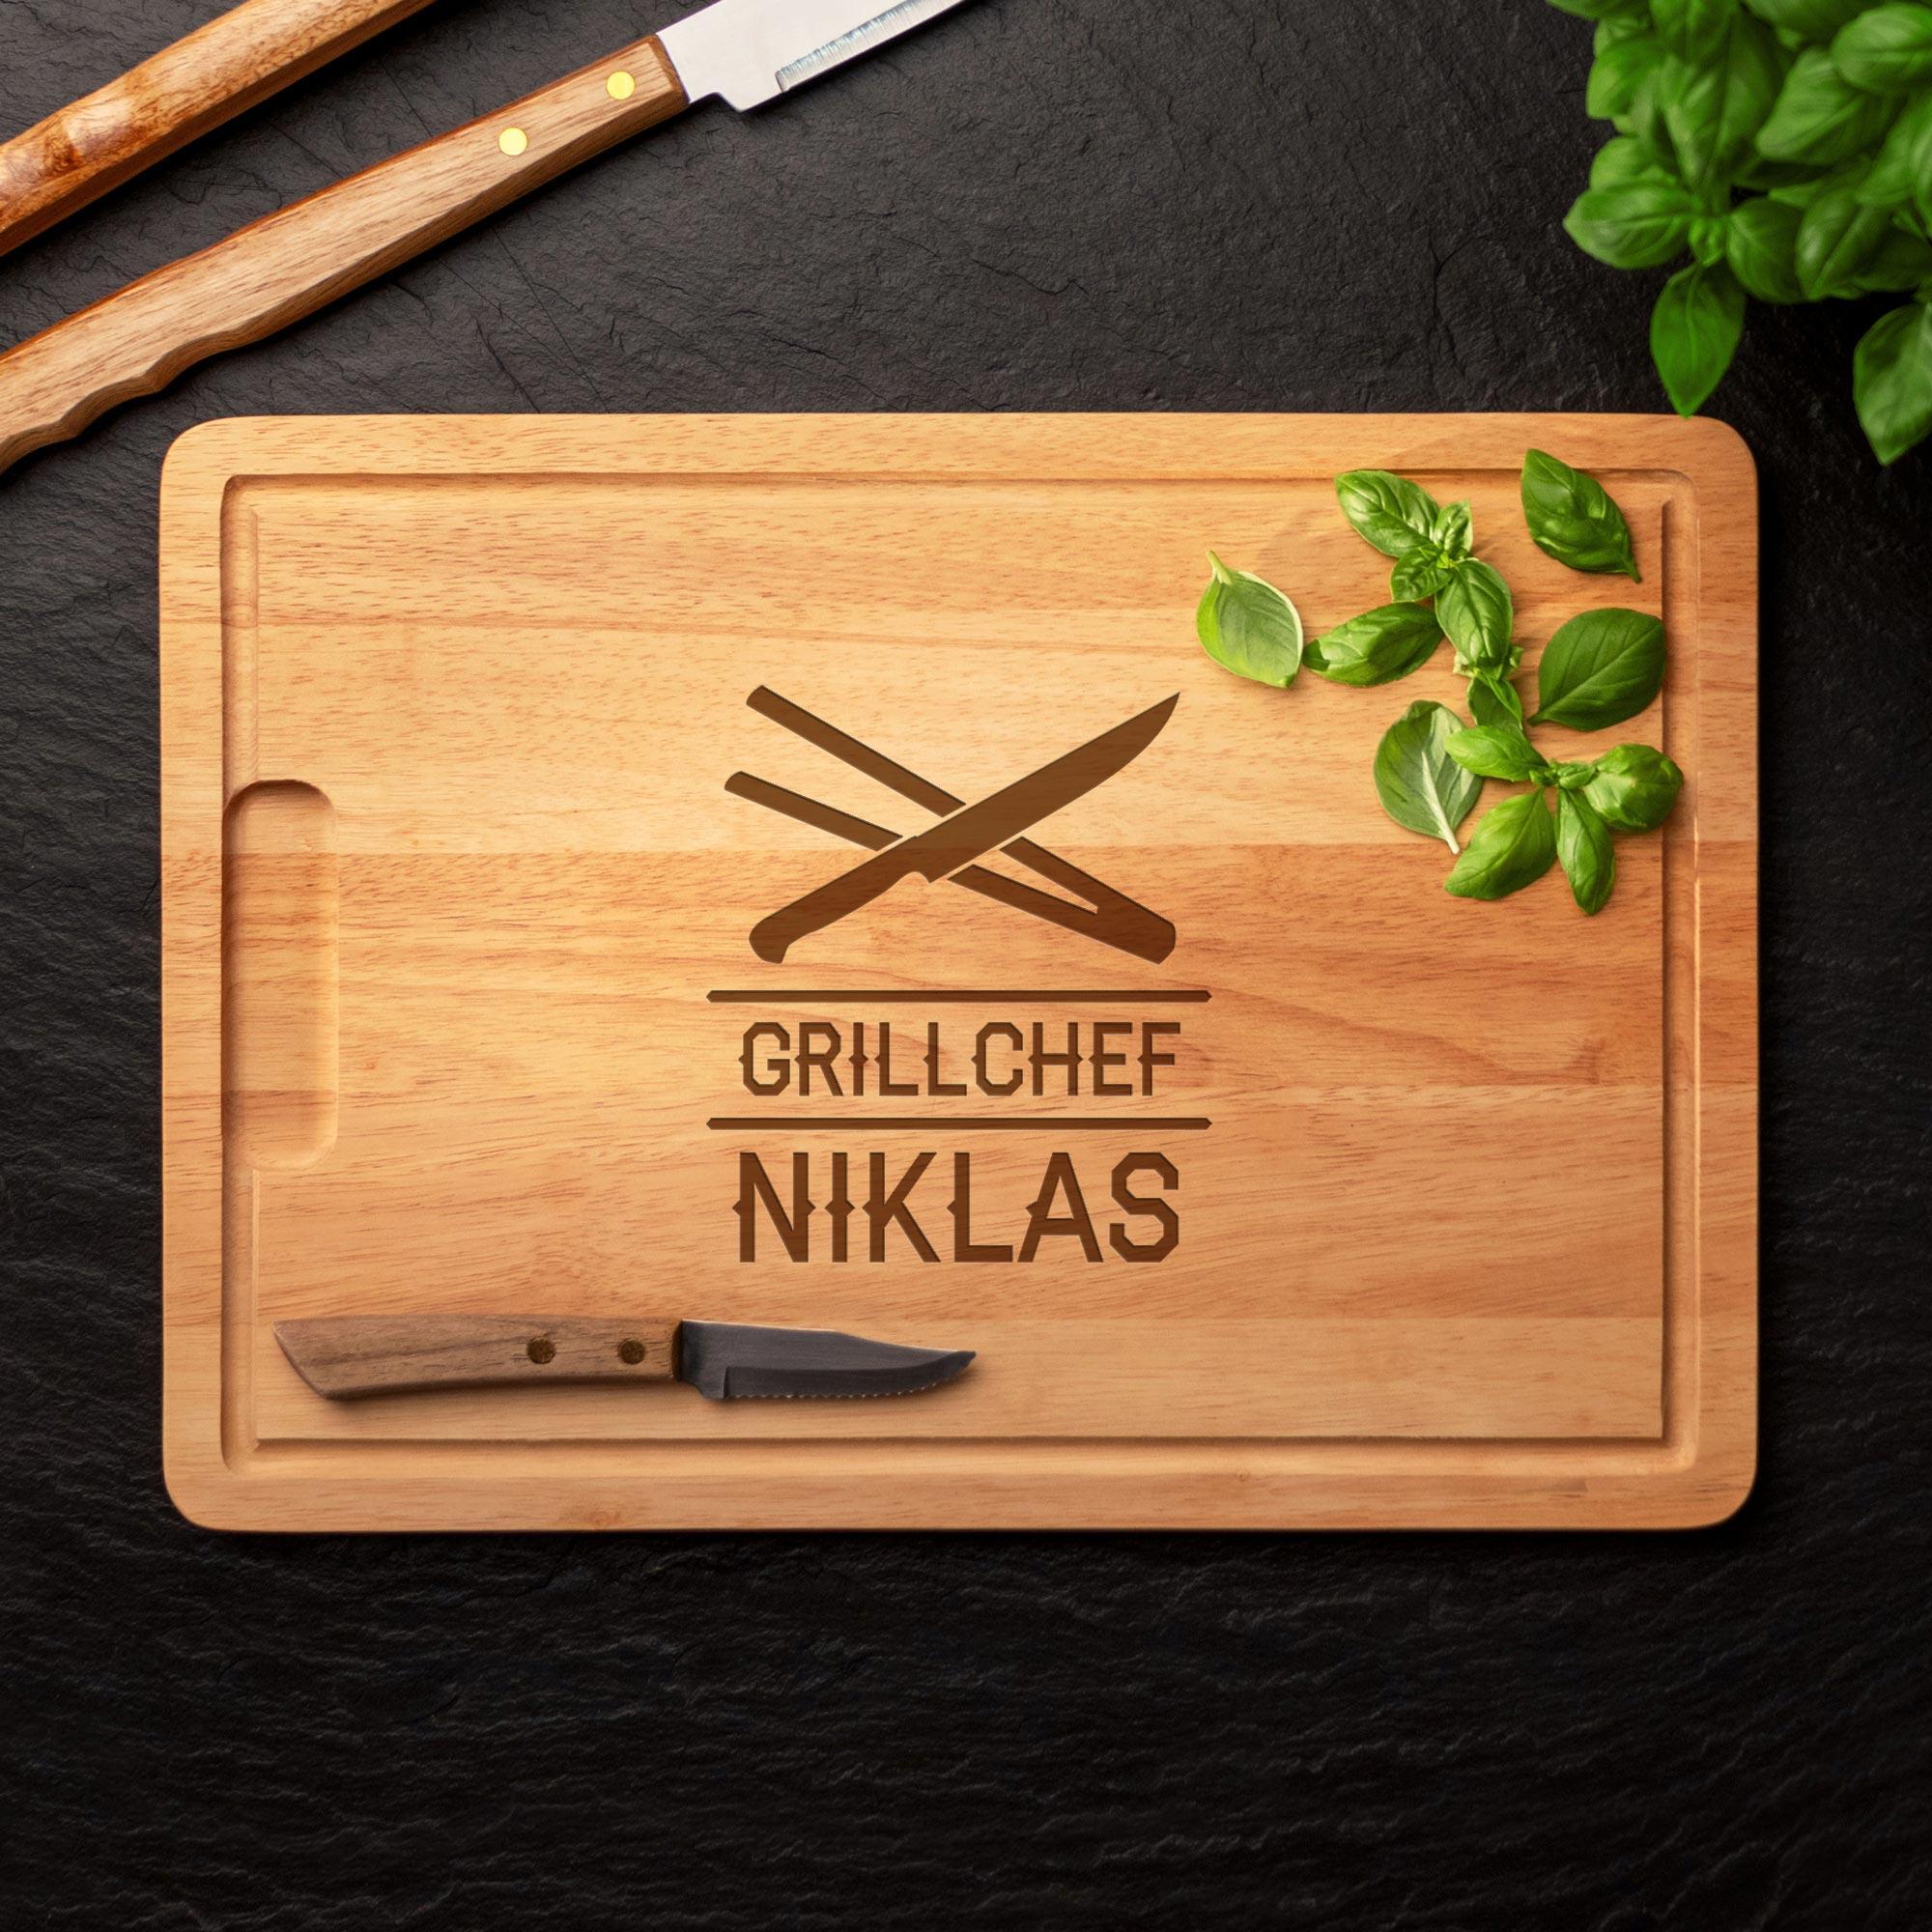 Grillset Grillbrandeisen und Schneidebrett - Grillchef Besteck